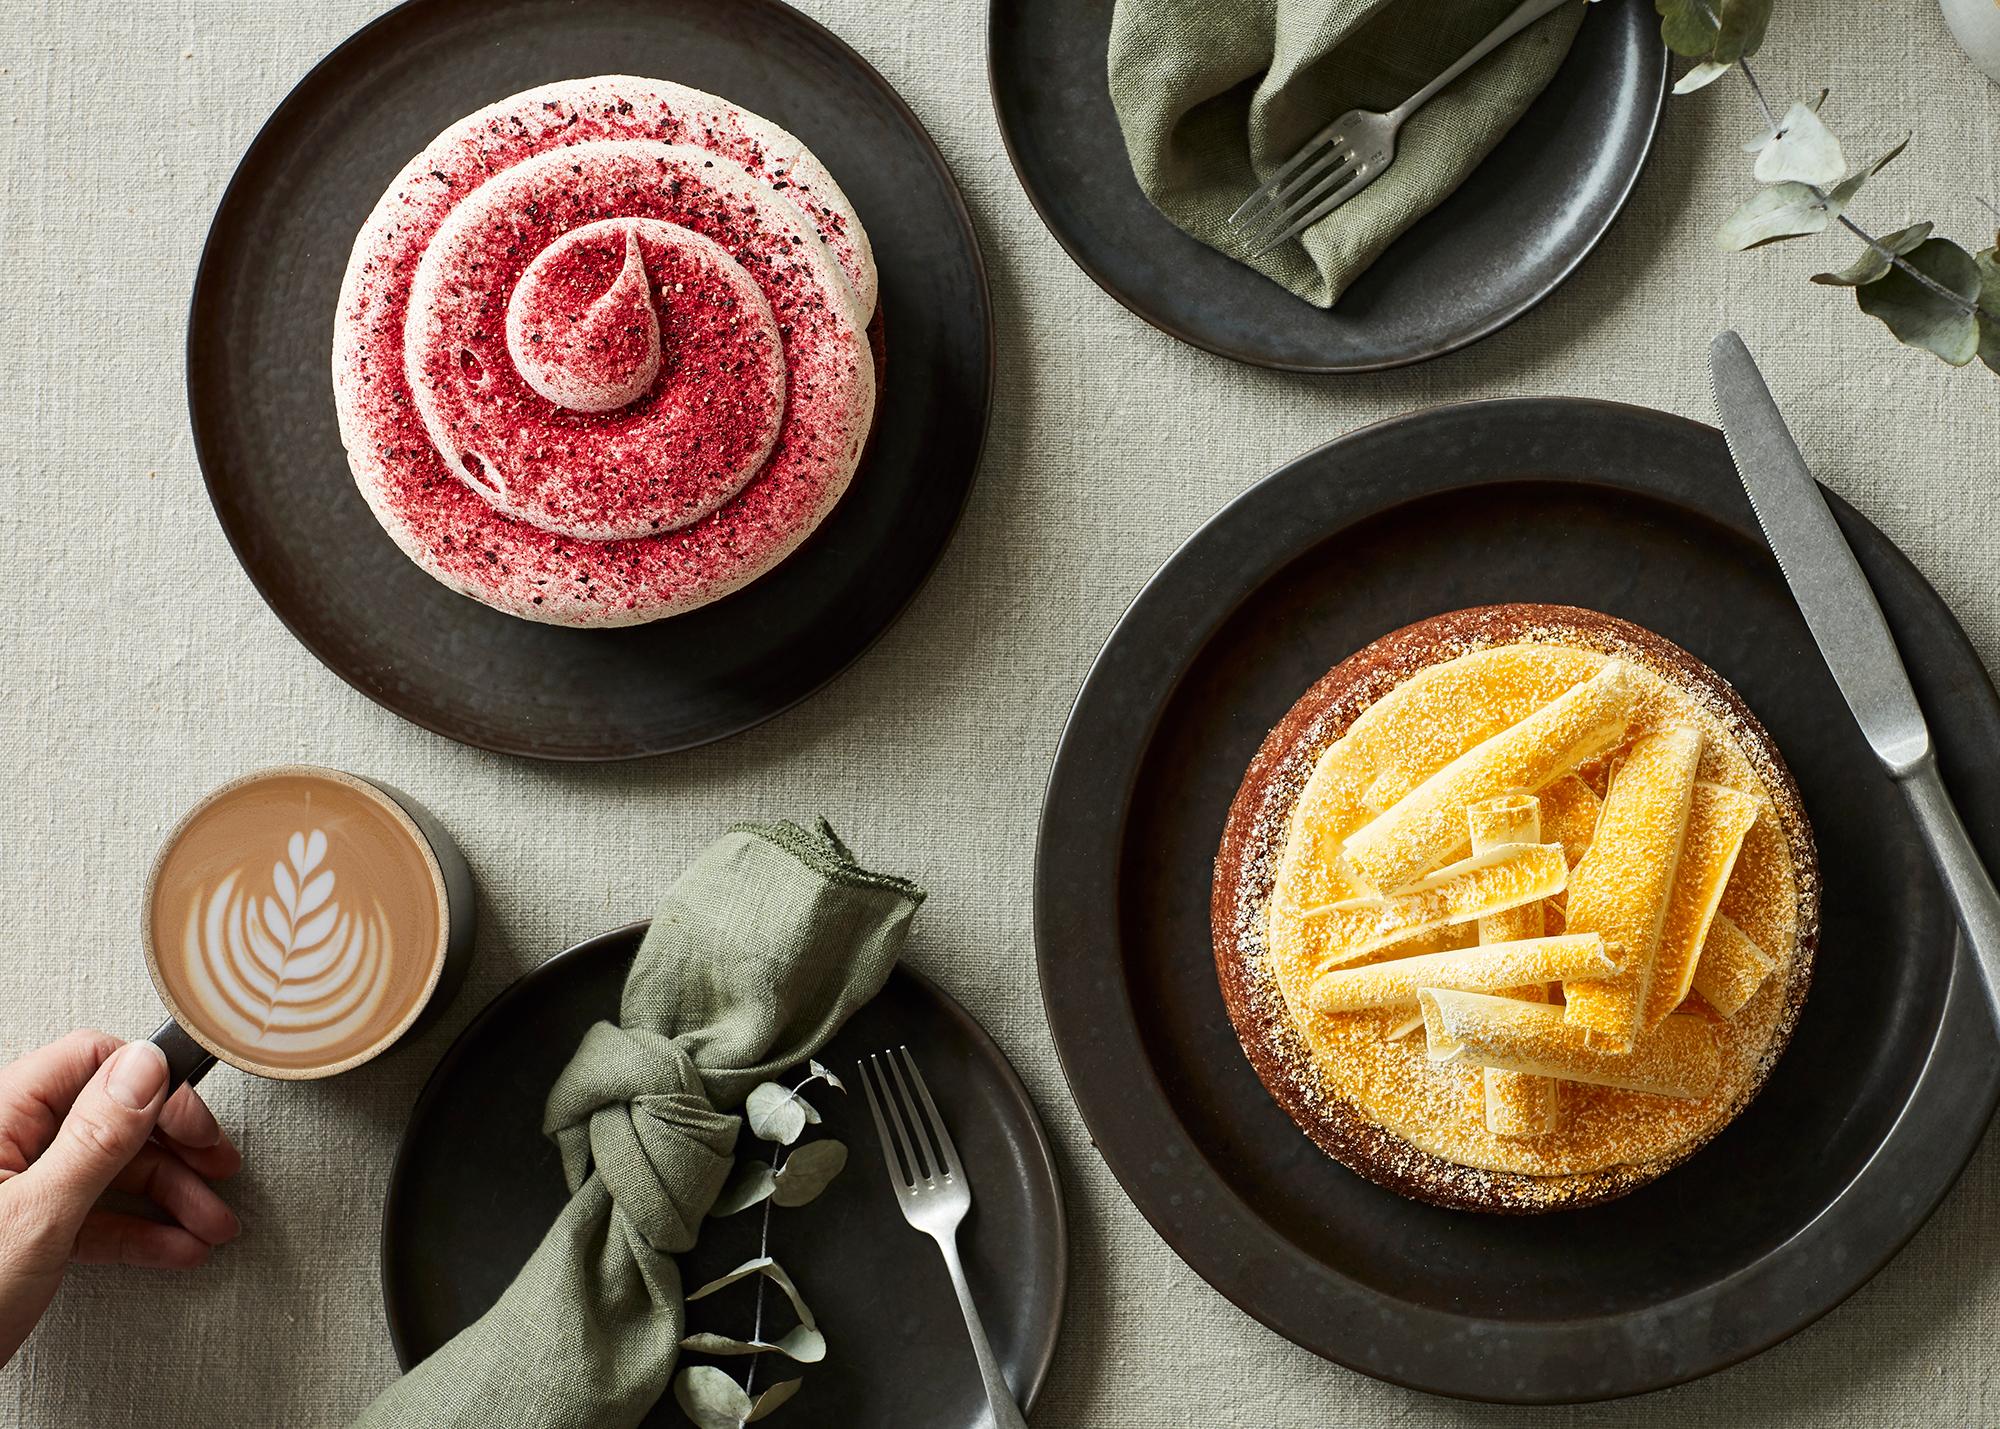 Nyt på kagehylderne hos Lagkagehuset: Lancerer ny version af citronmånen